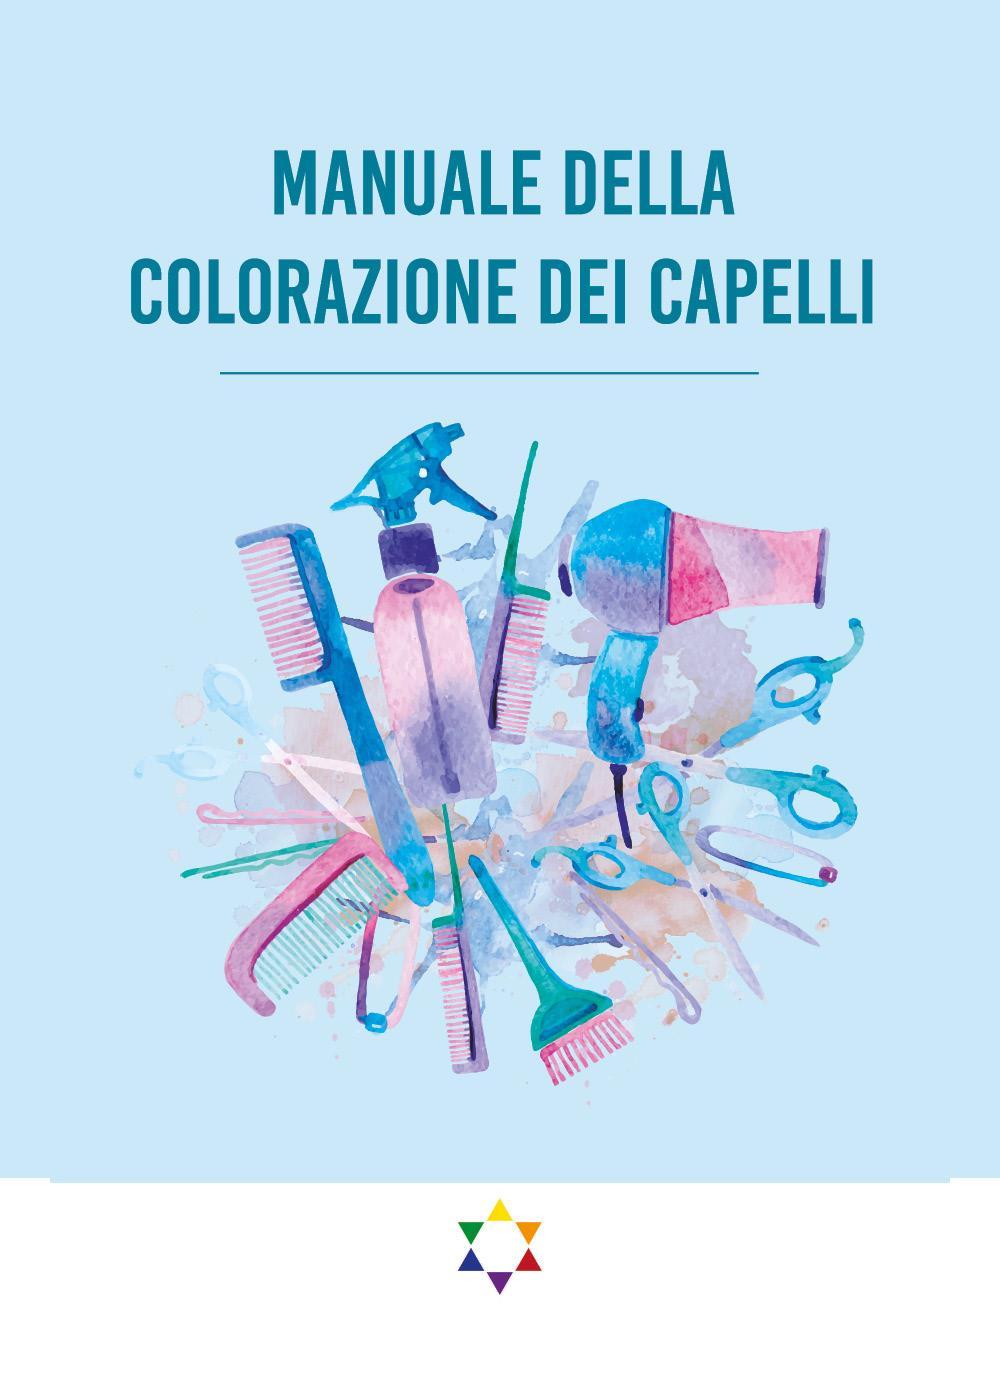 Manuale Della Colorazione dei Capelli